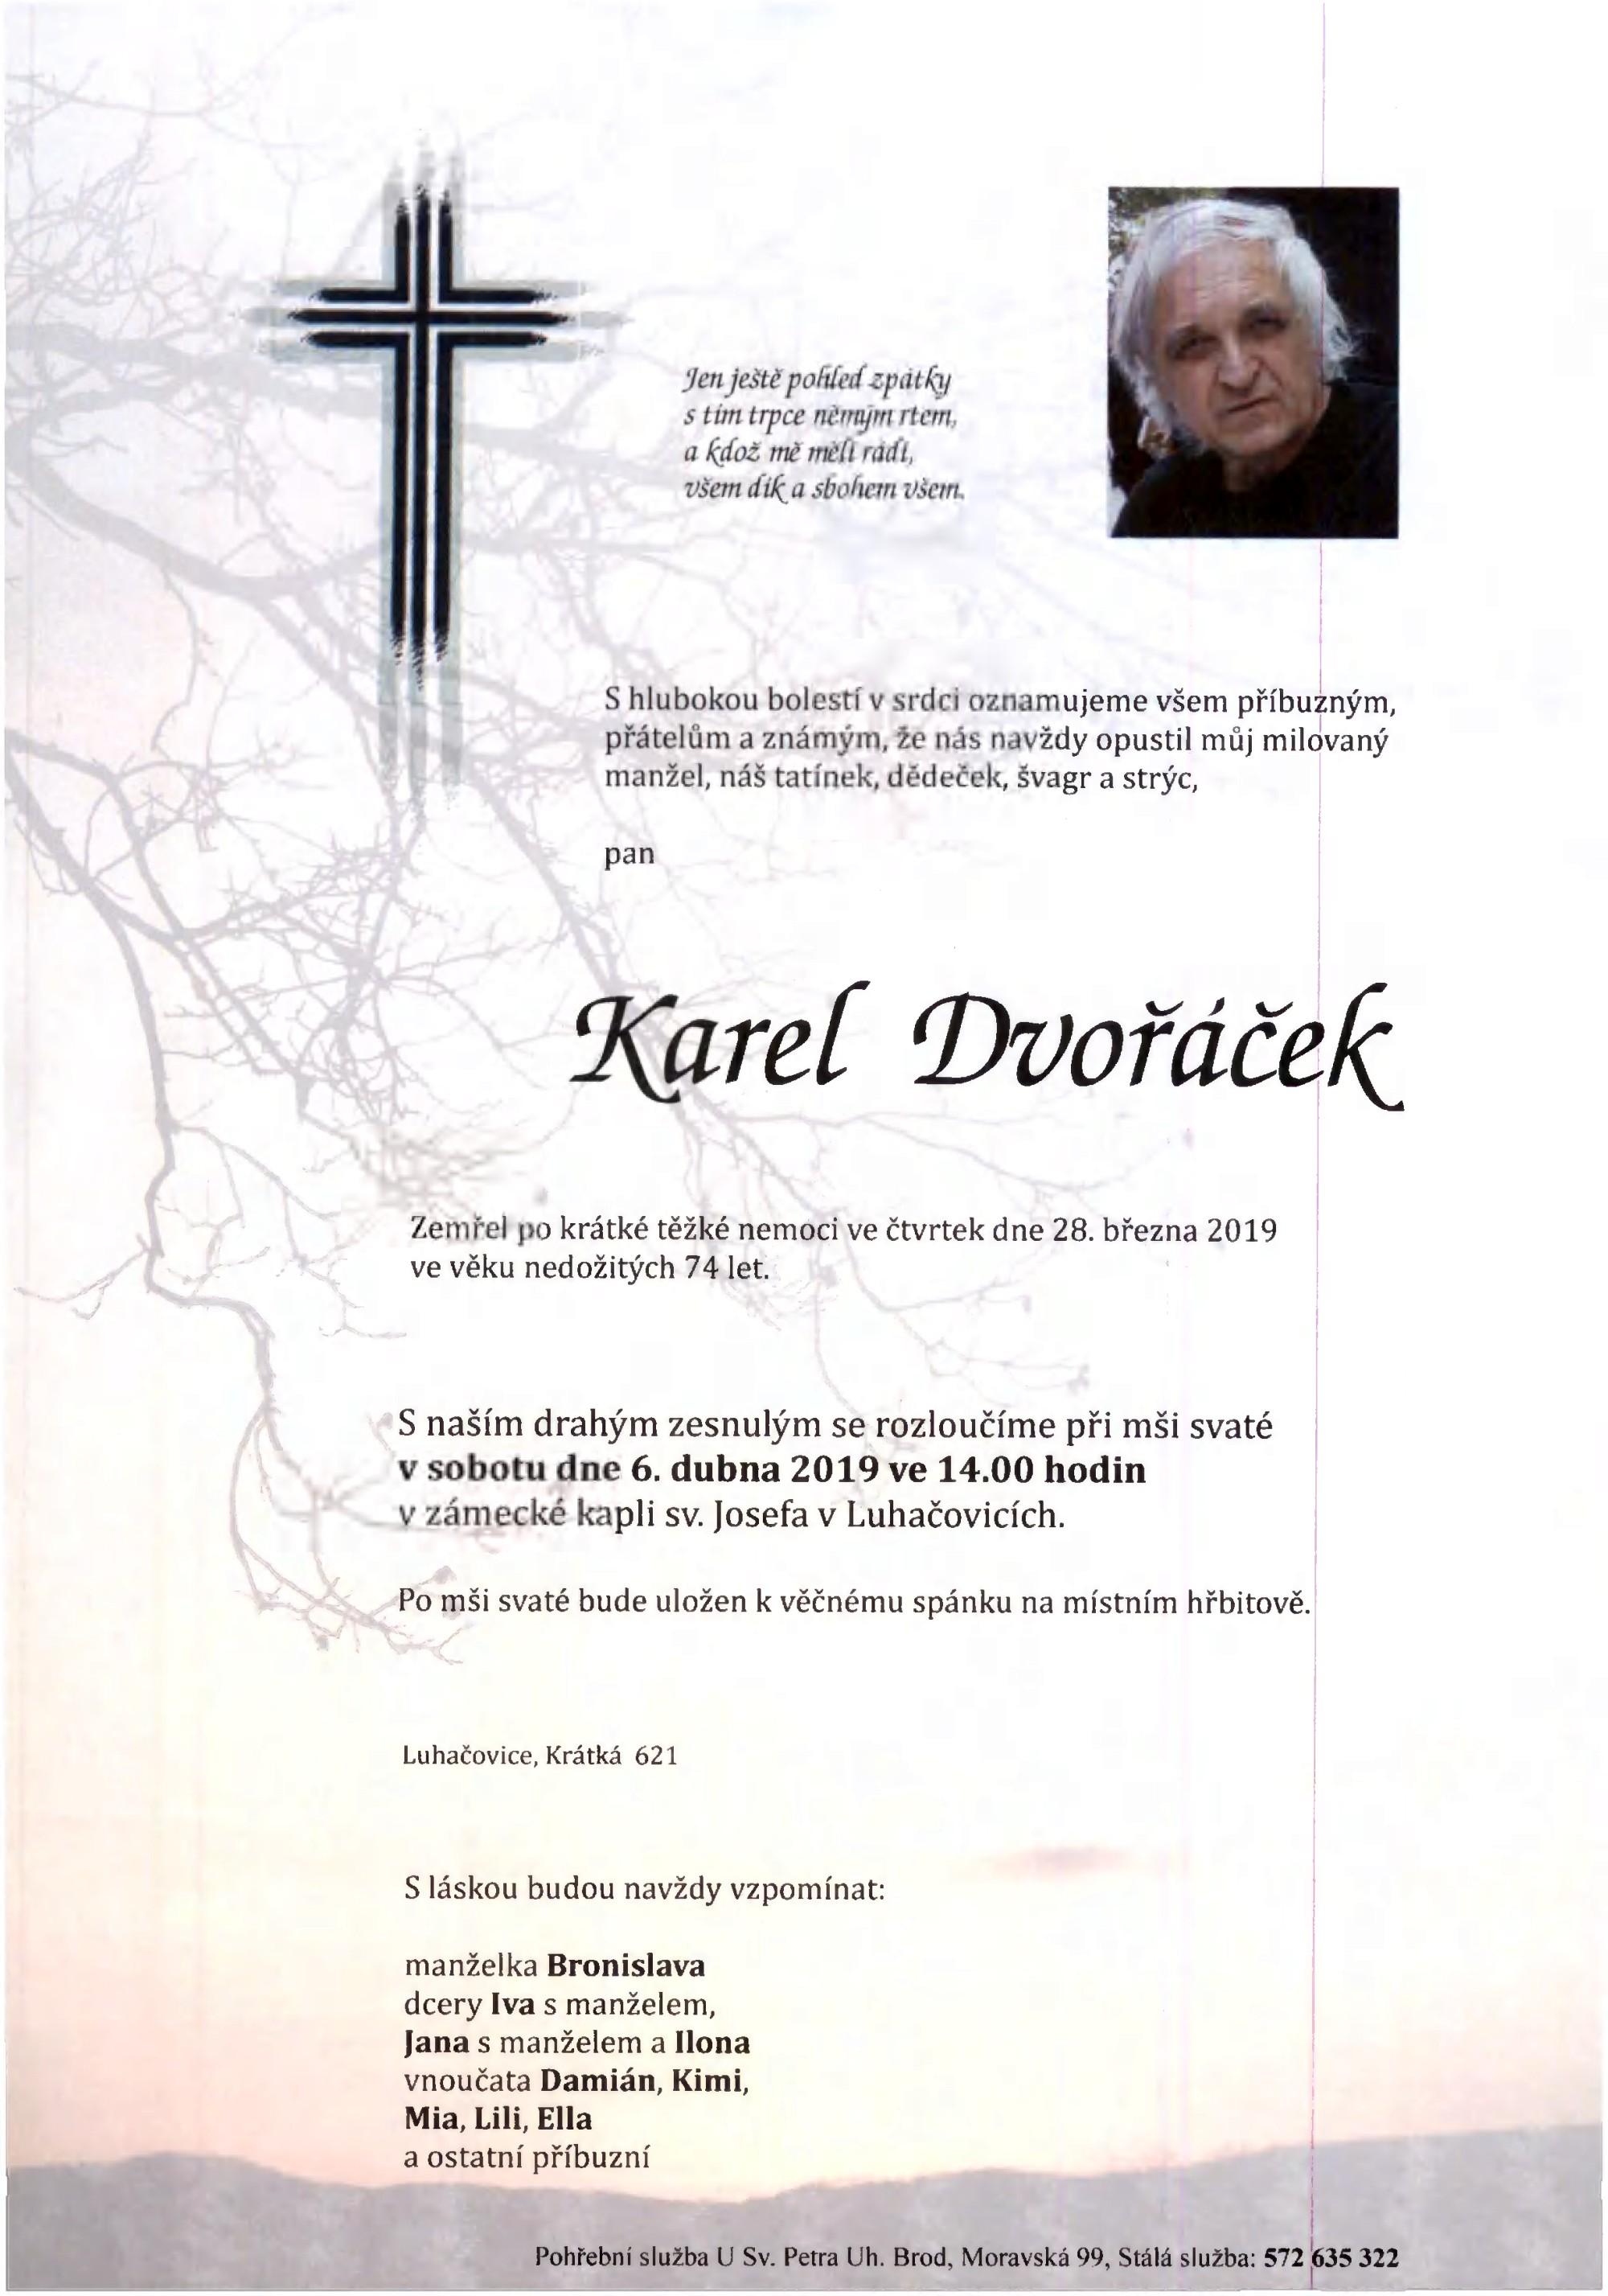 Karel Dvořáček